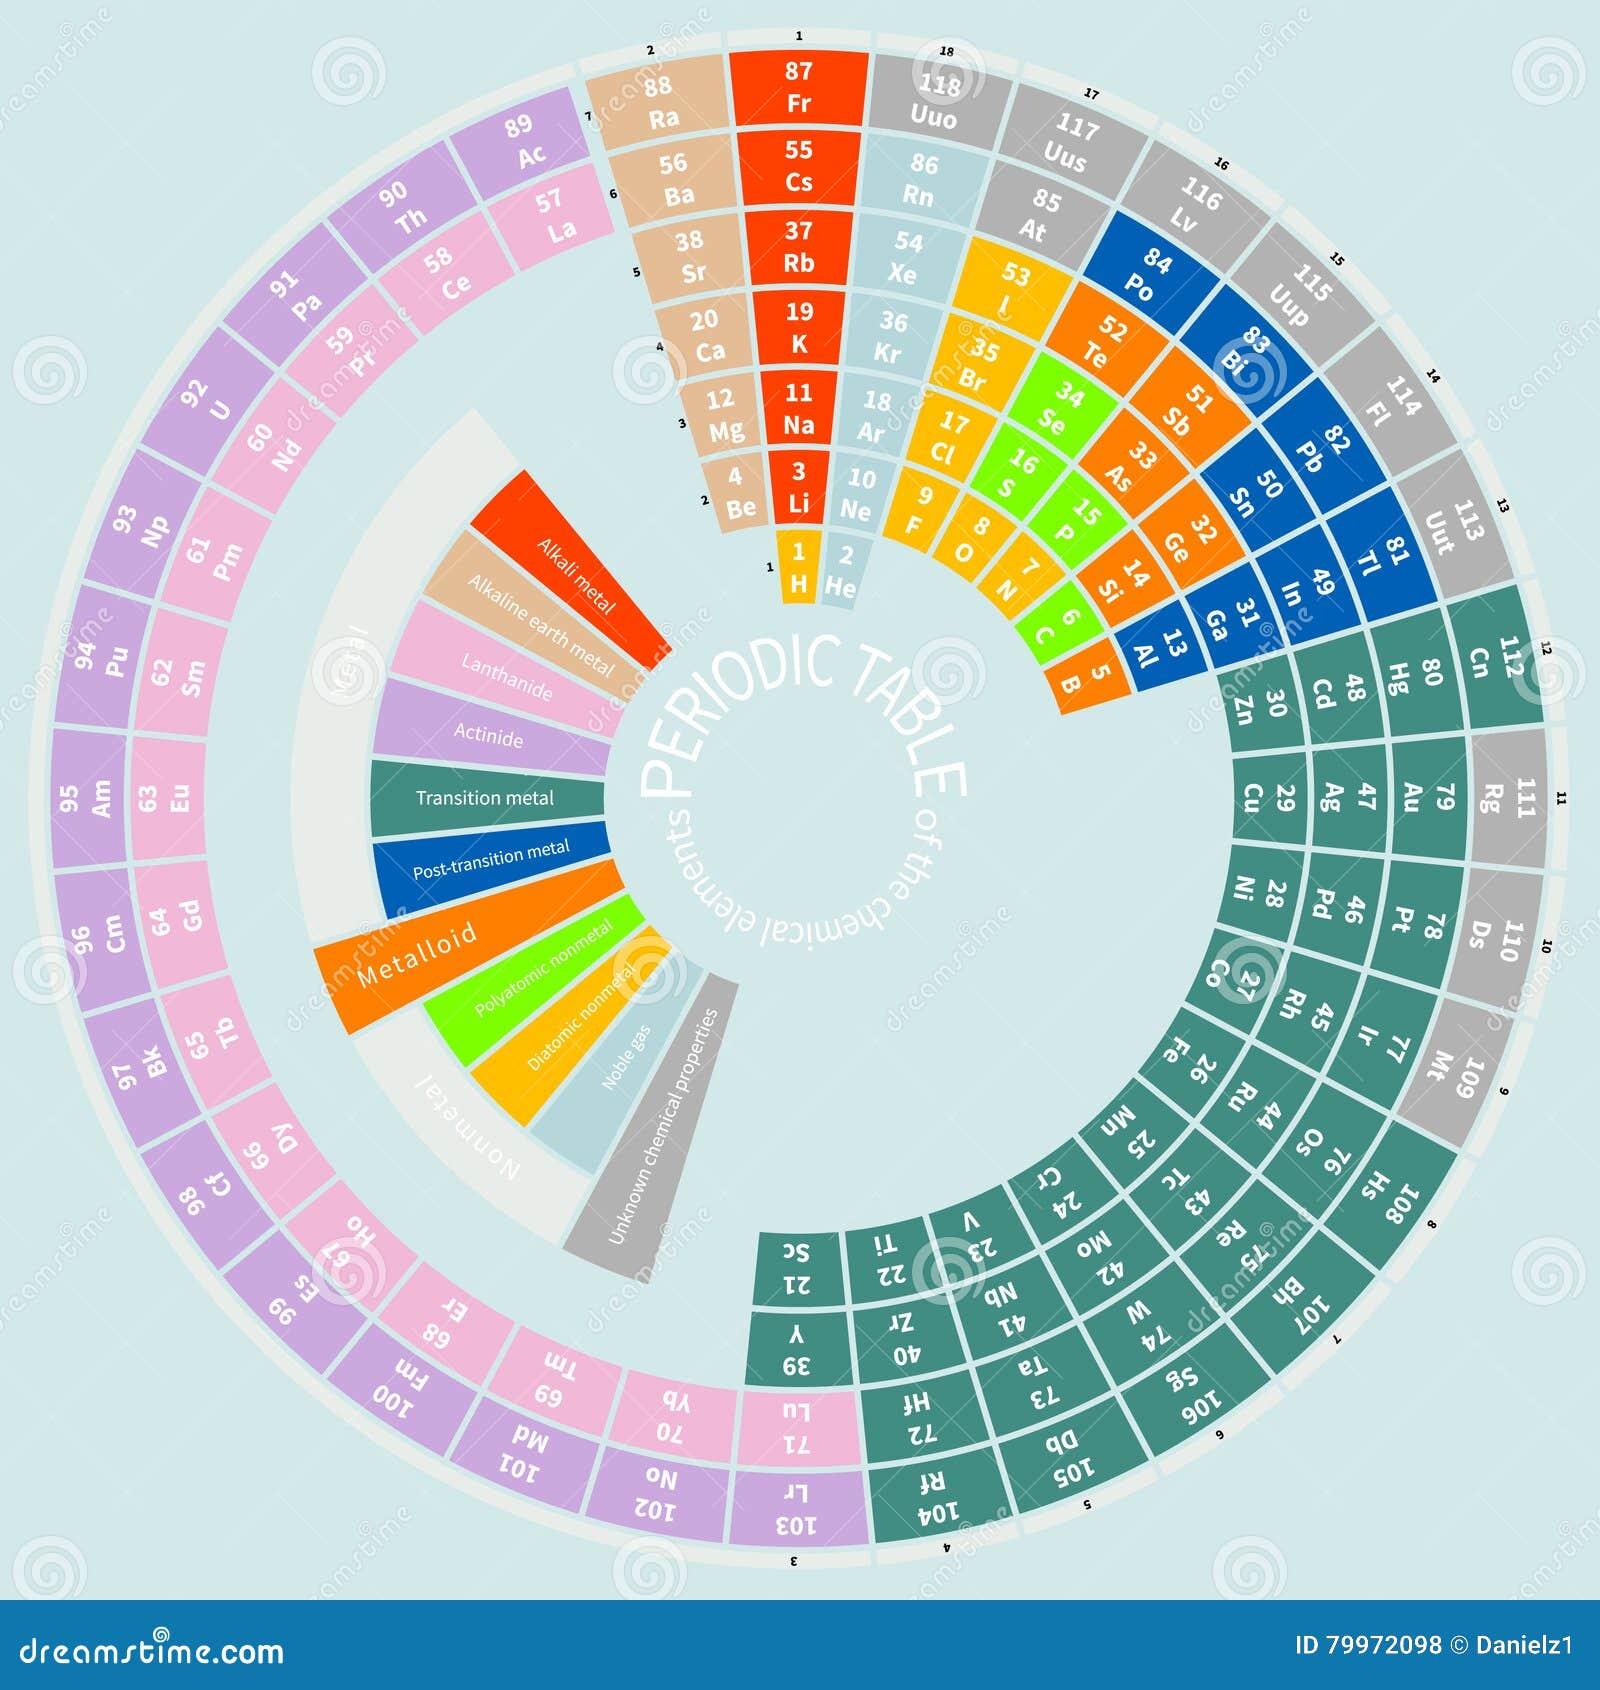 Tabla peridica de los elementos qumicos redonda ilustracin del download tabla peridica de los elementos qumicos redonda ilustracin del vector ilustracin de leyenda urtaz Choice Image